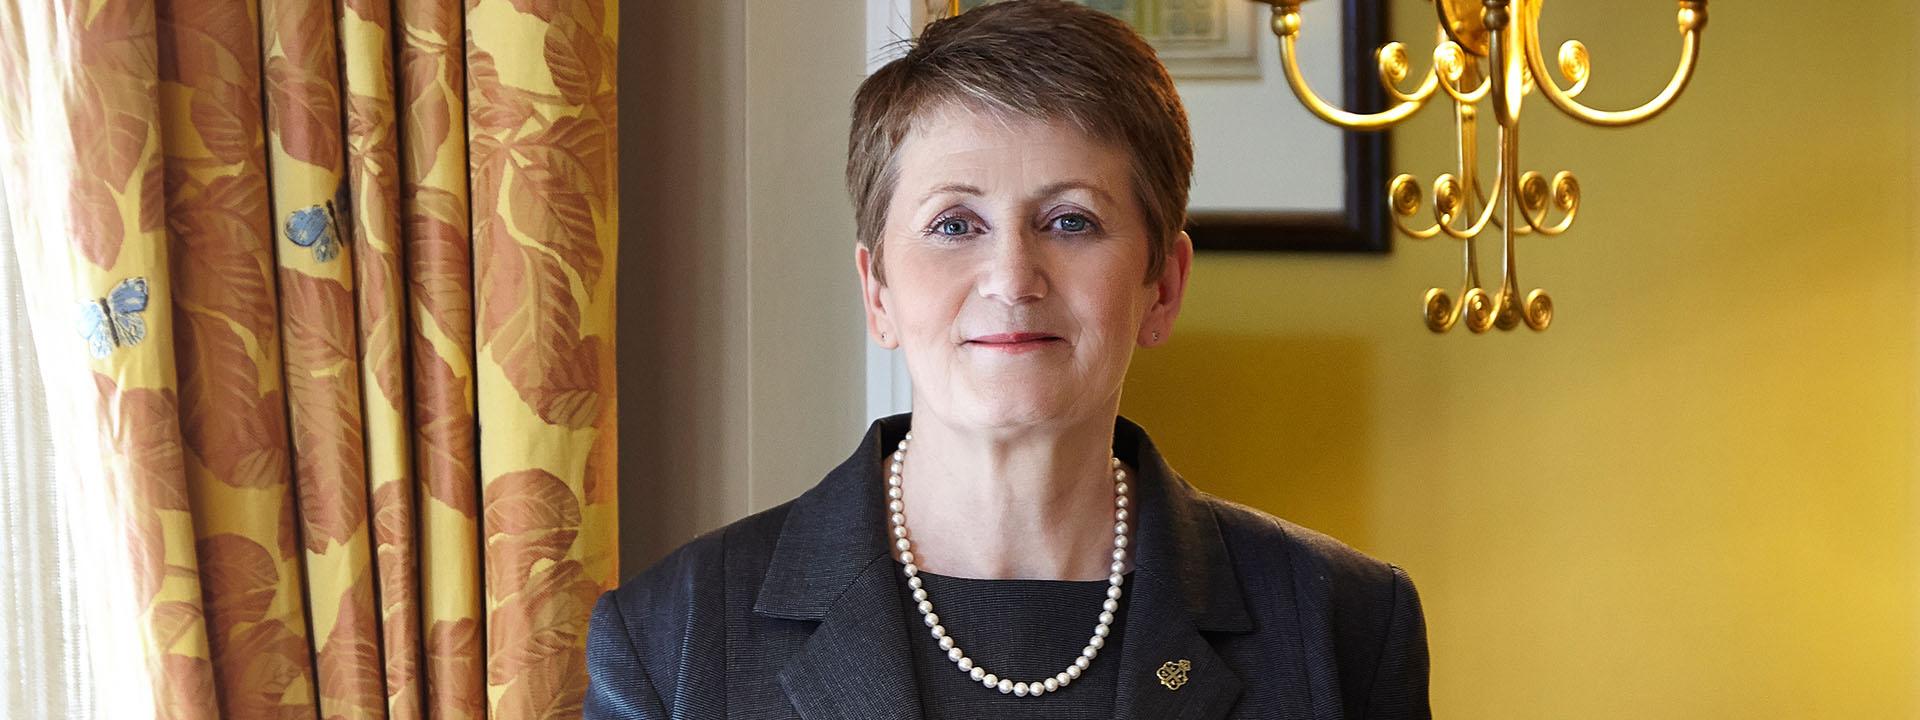 Claridge's deputy head housekeeper Anne Barnes